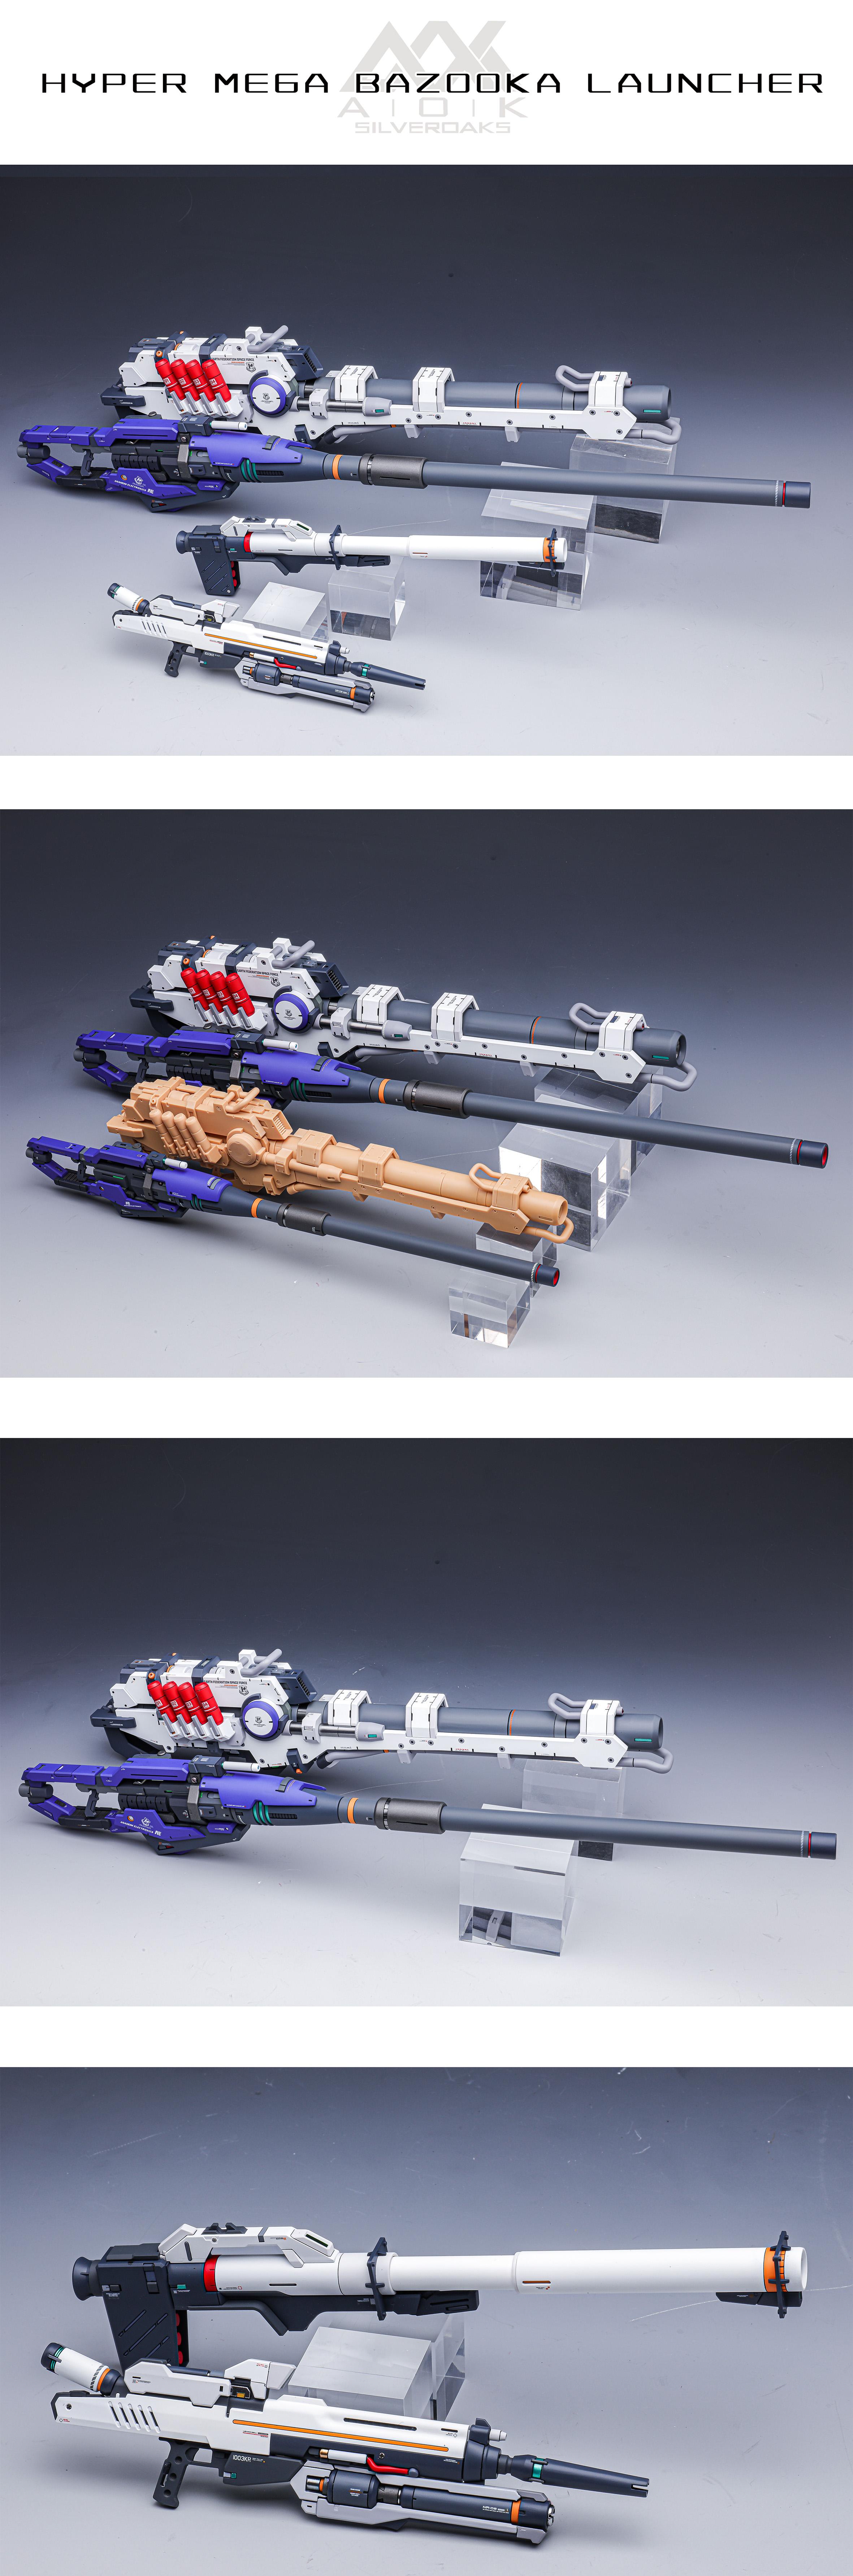 G822_rg_MG_mega_bazooka_launcher_AOK_010.jpg